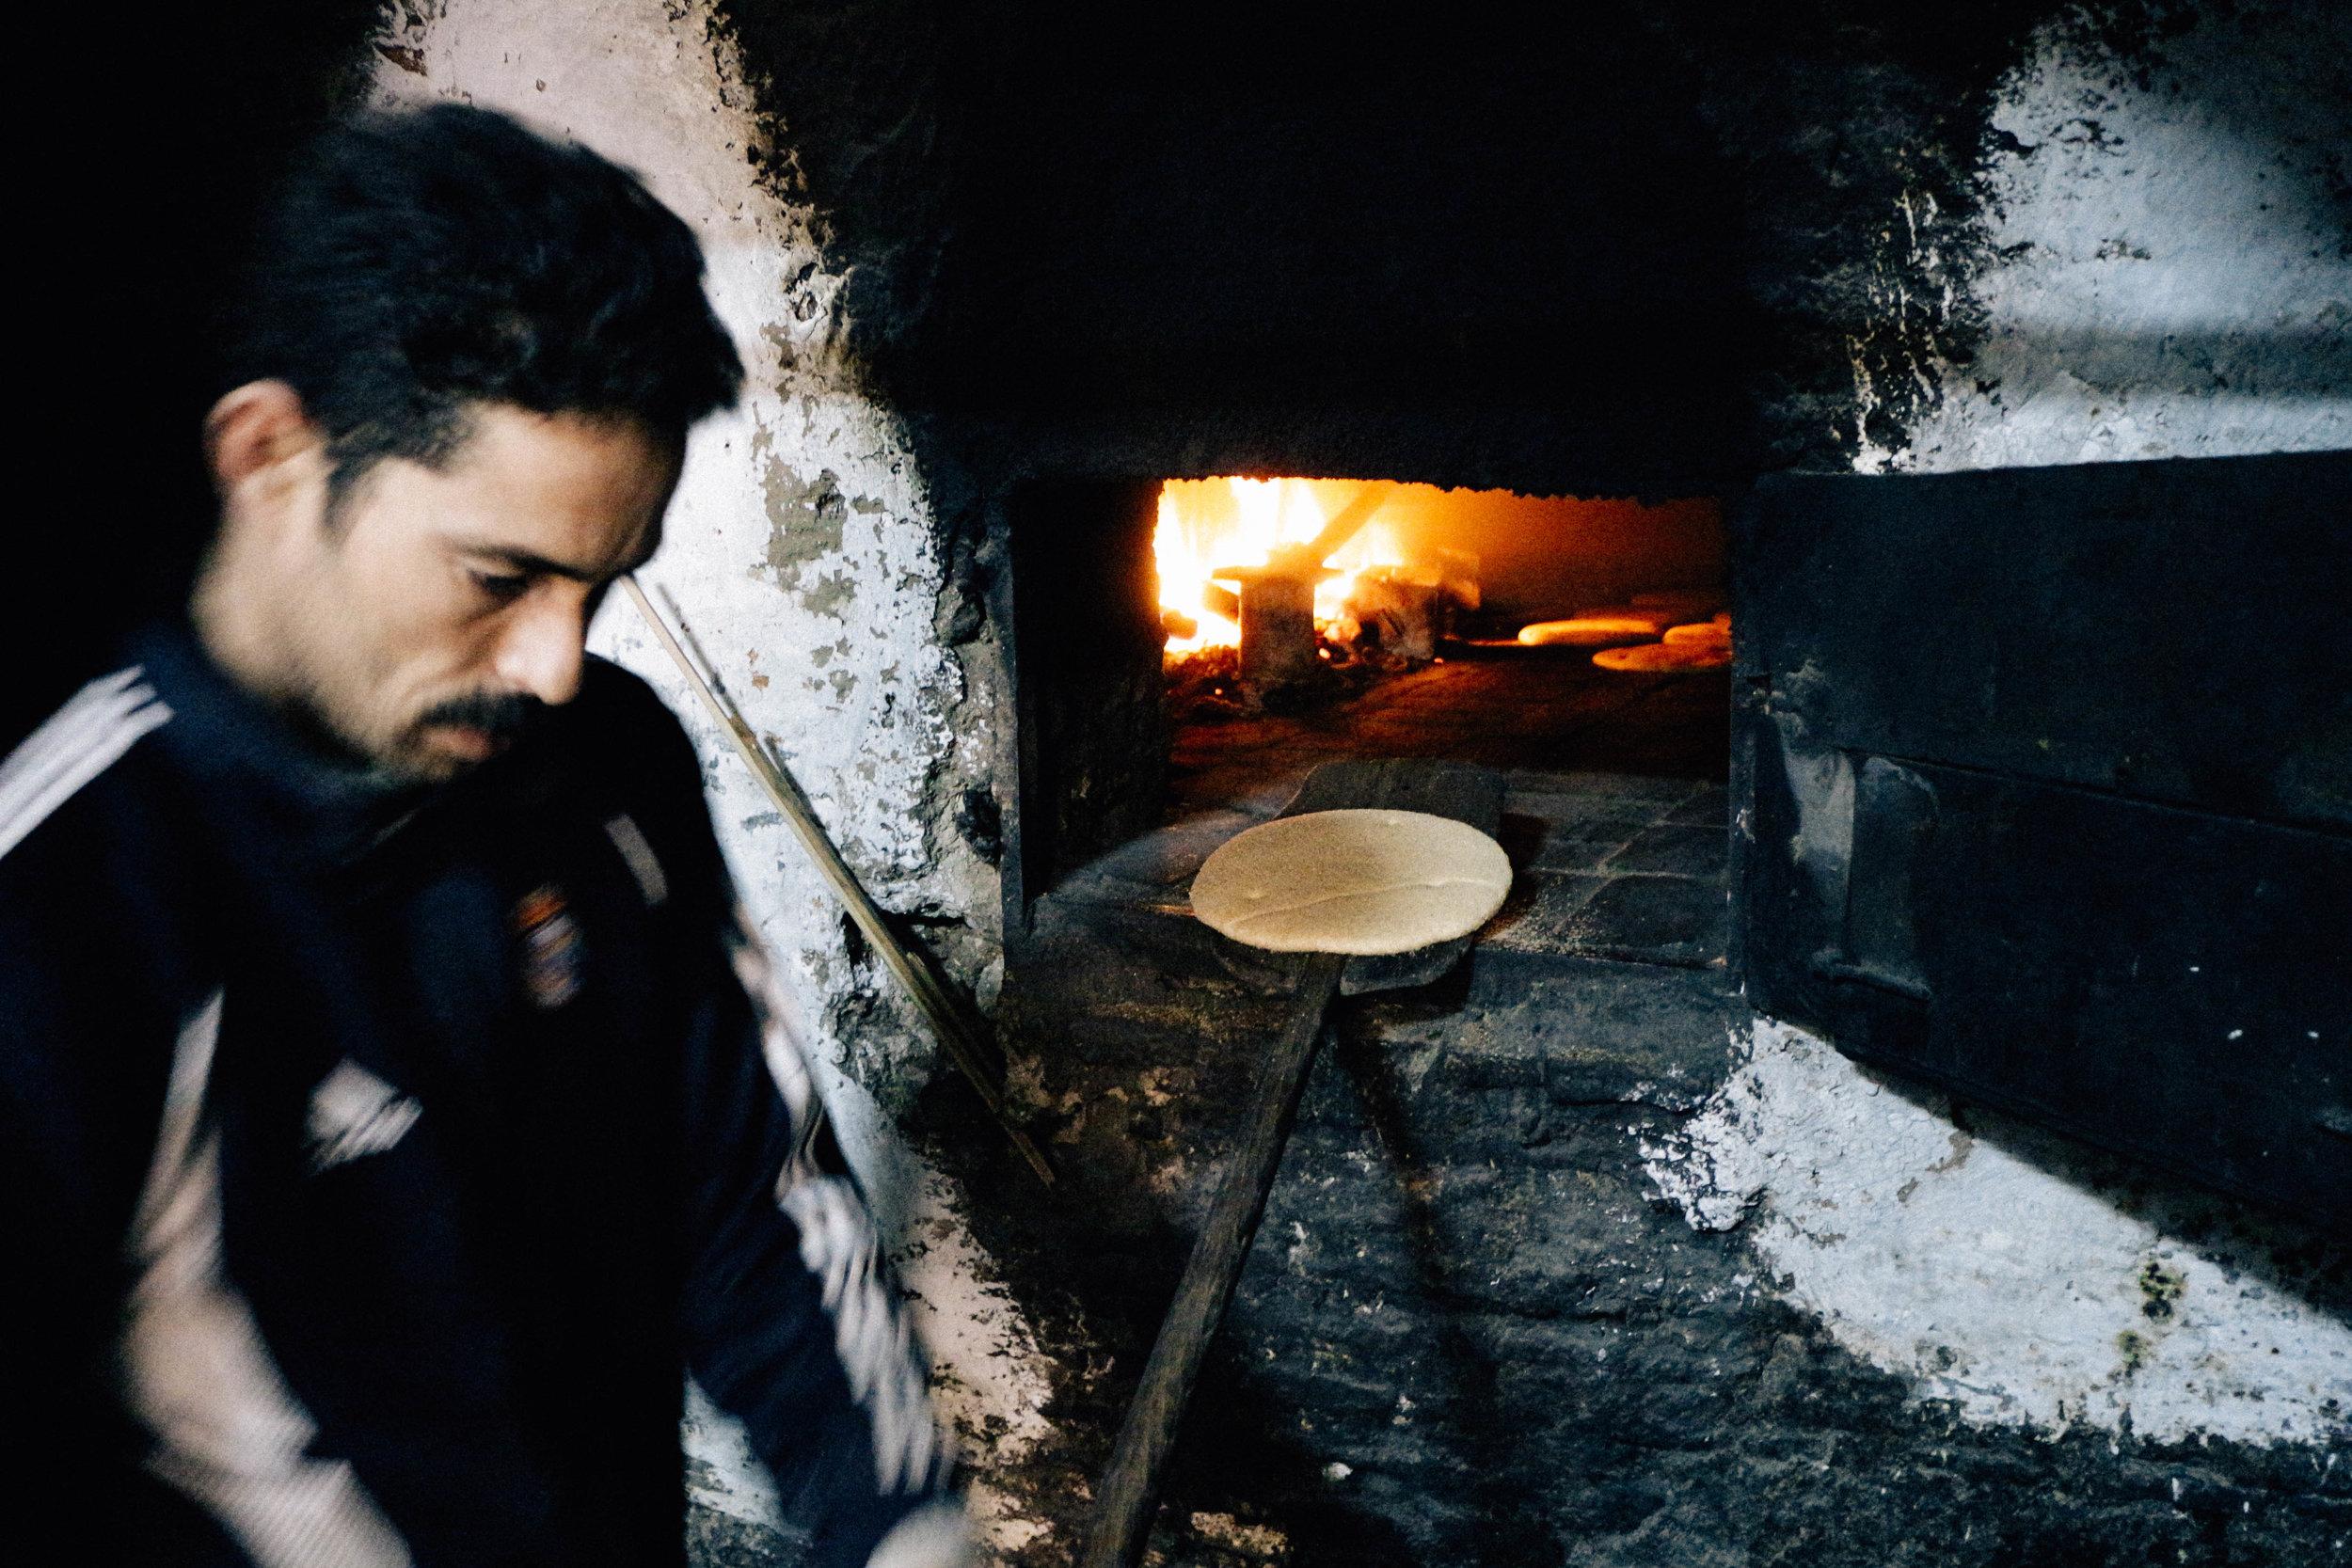 Rita & Jawad's bakery